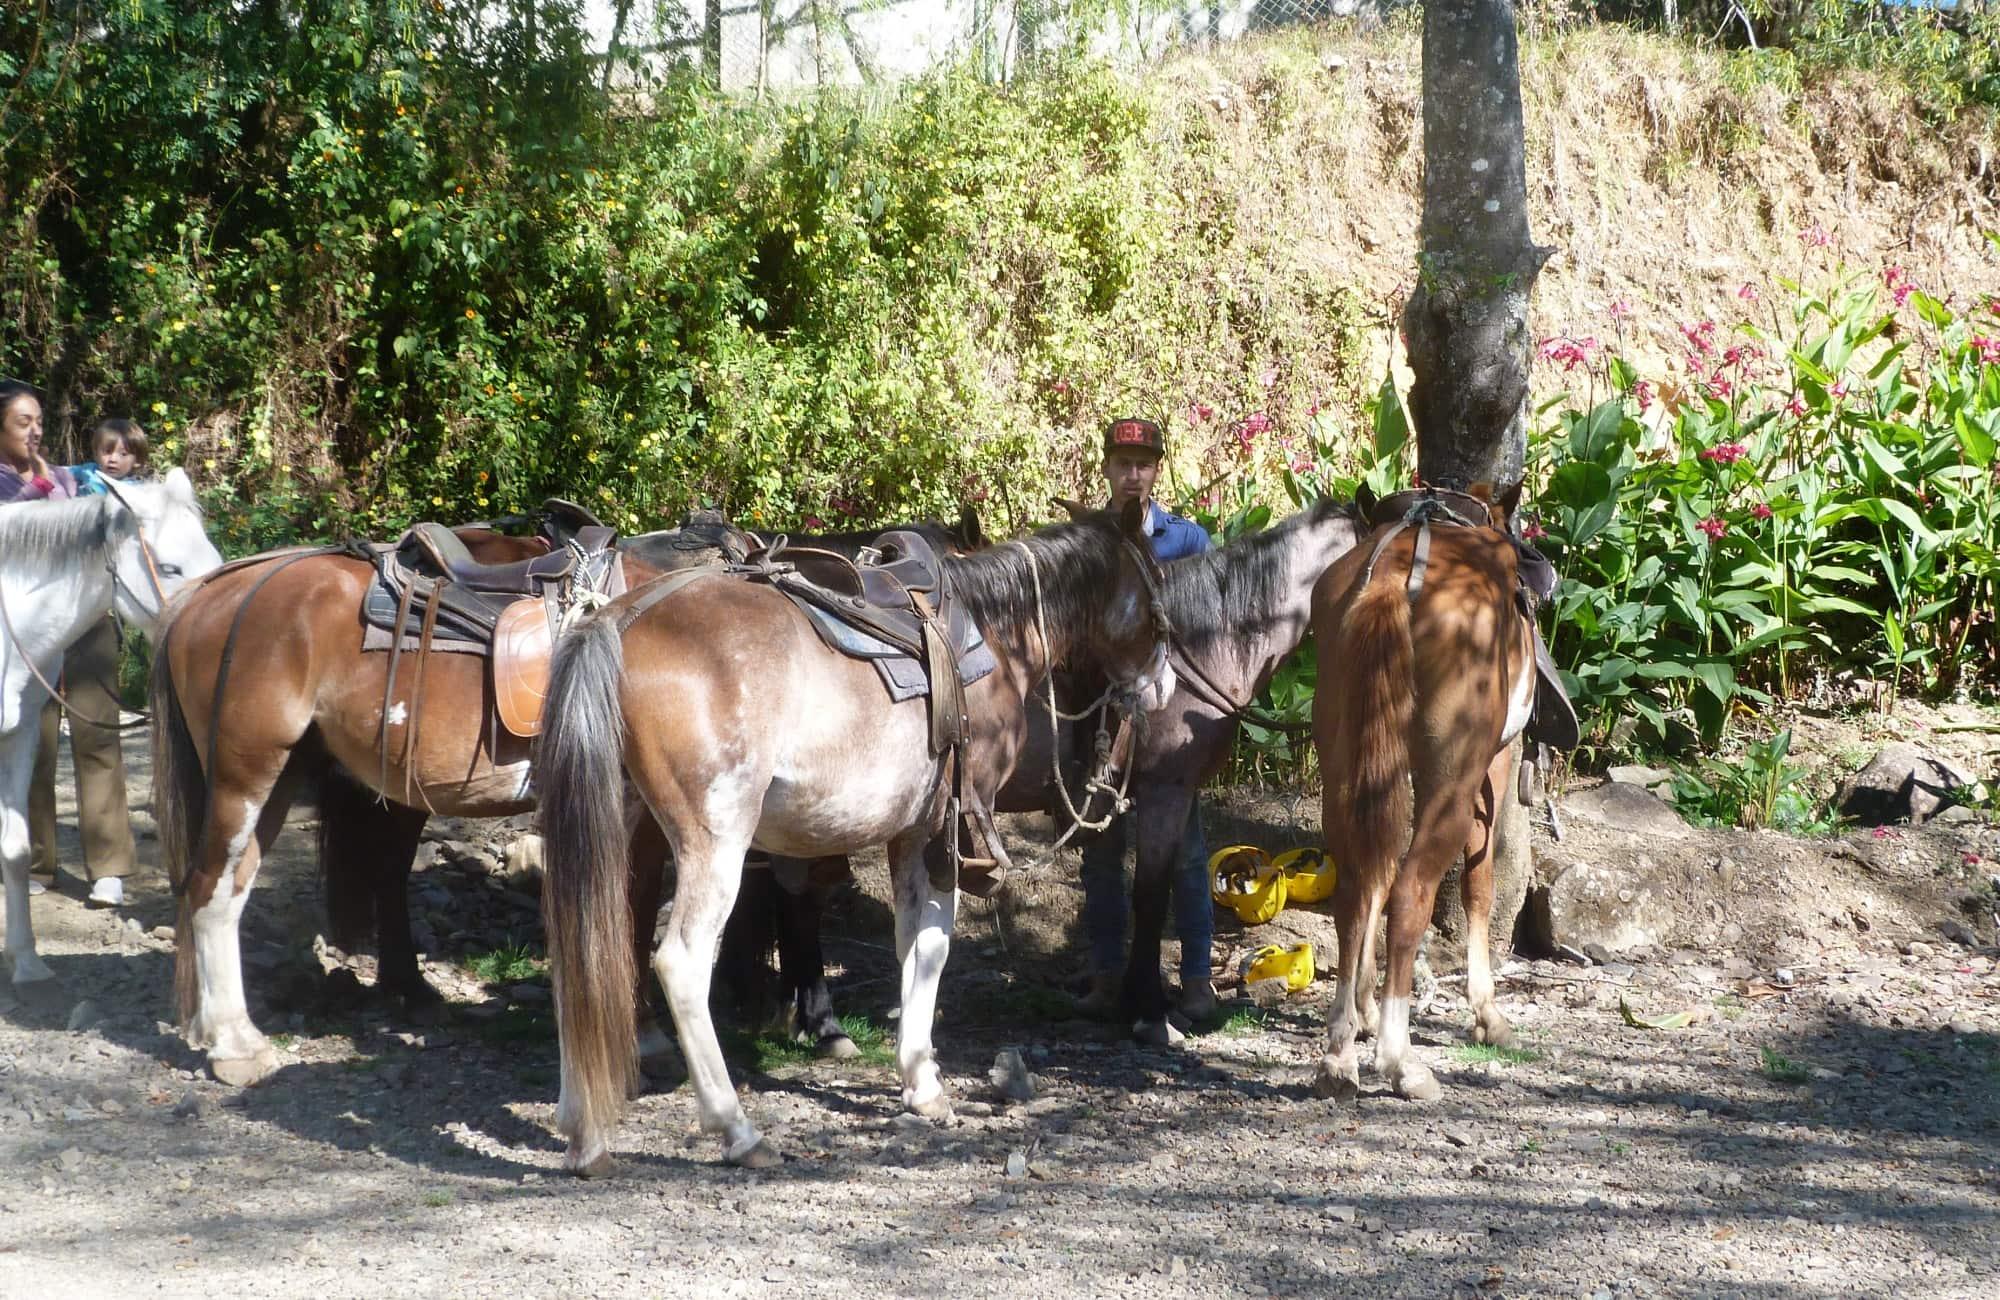 Les chevaux prêt à être monté pour une belle randonnée